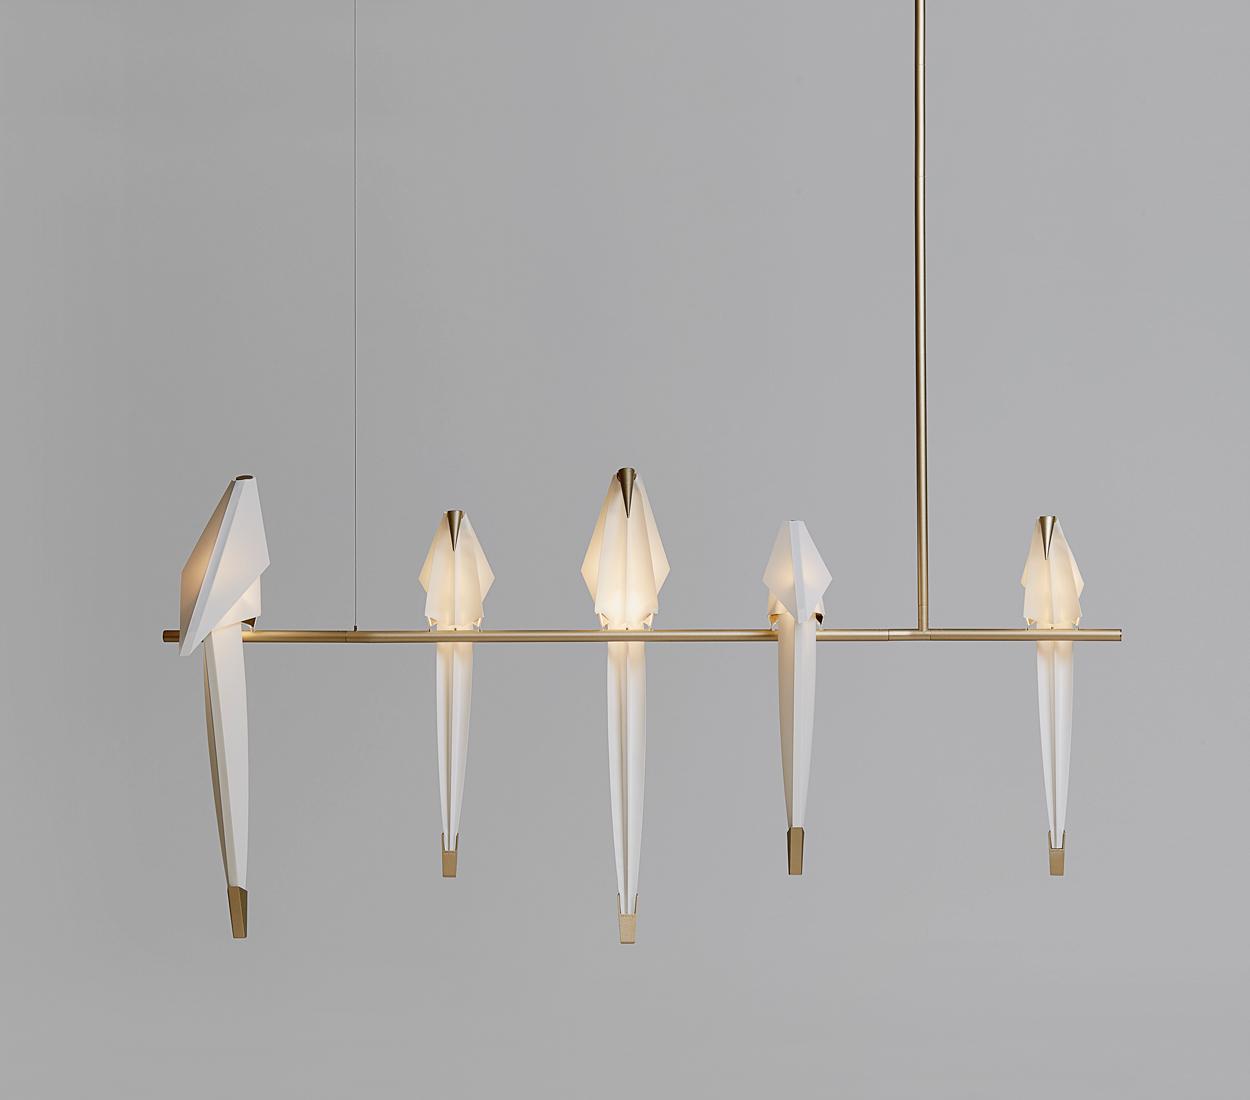 Deze Perch Light Branch hanglamp, ontworpen door Umut Yamac, staat prachtig in huis met gouden accenten.